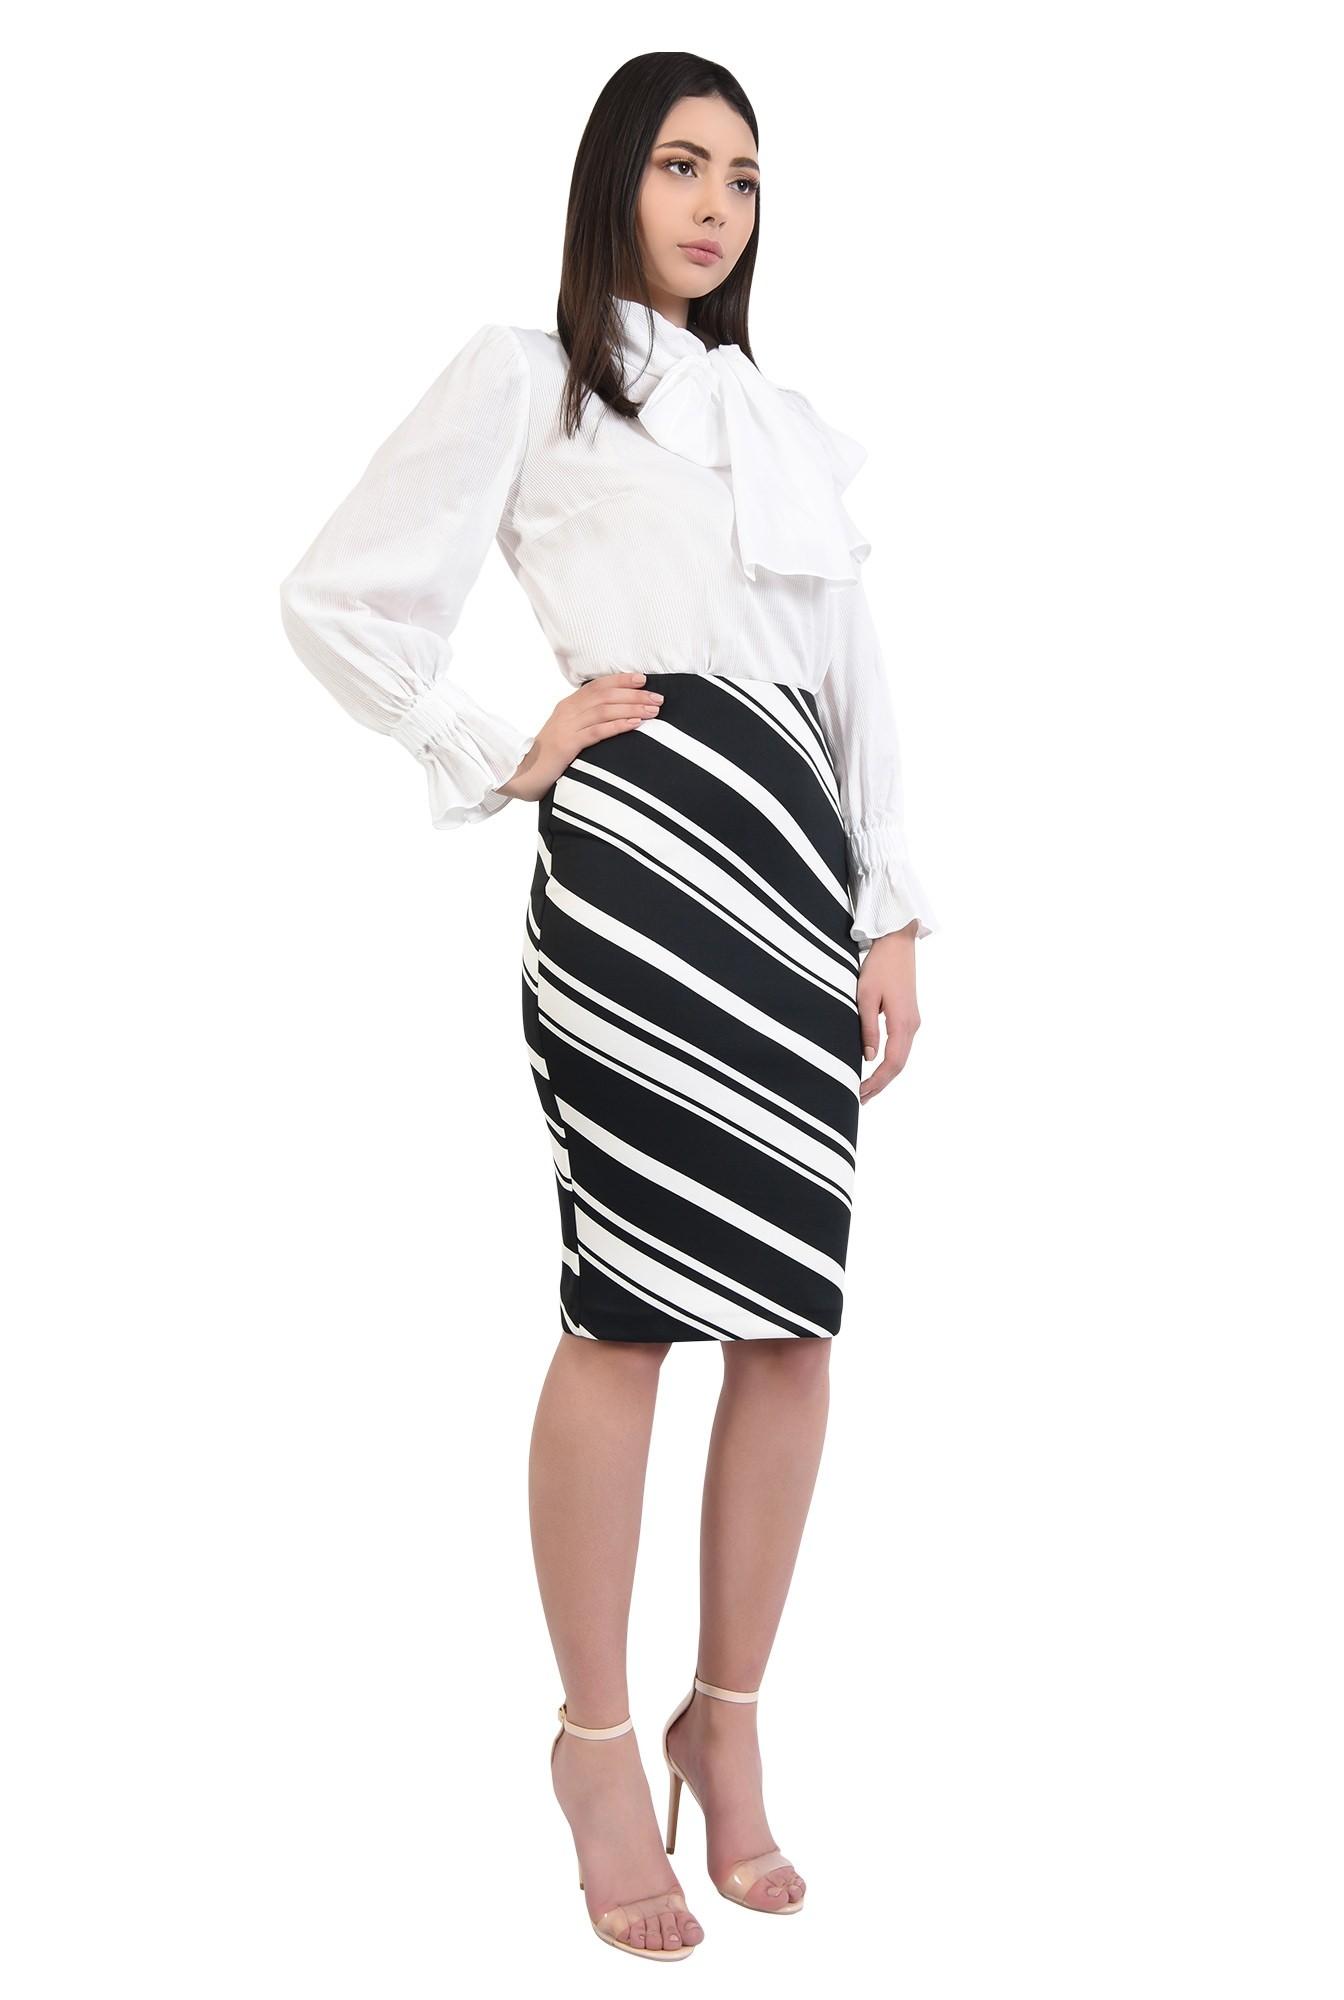 3 - 360 - fusta casual, creion, croi conic, dungi alb-negru, talie inalta